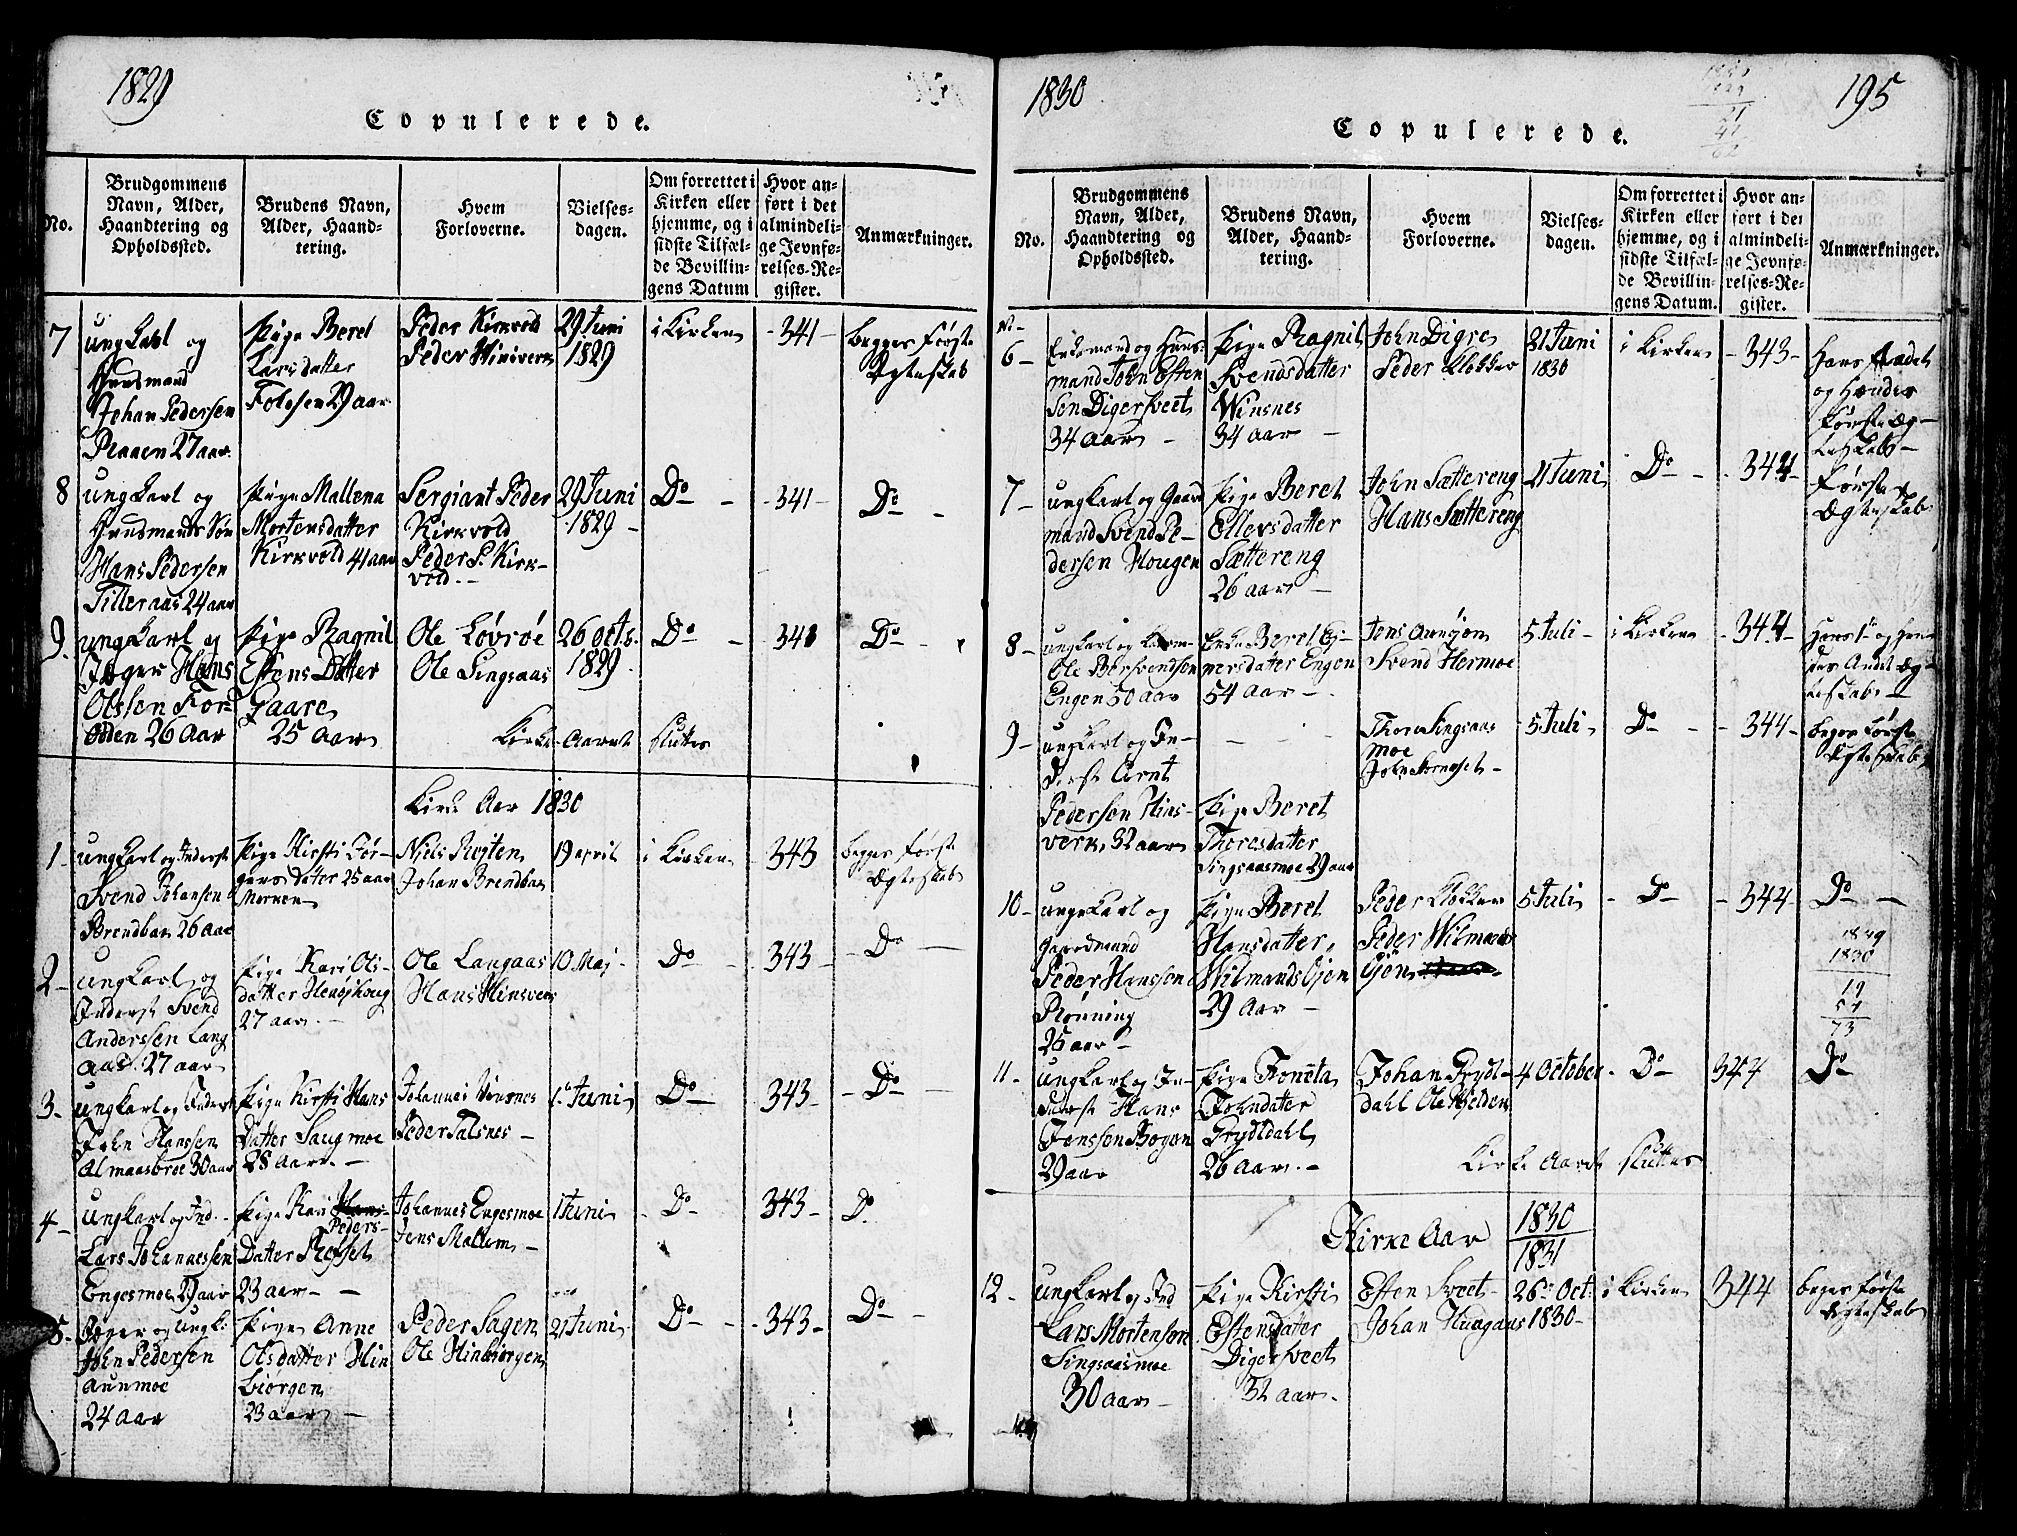 SAT, Ministerialprotokoller, klokkerbøker og fødselsregistre - Sør-Trøndelag, 688/L1026: Klokkerbok nr. 688C01, 1817-1860, s. 195